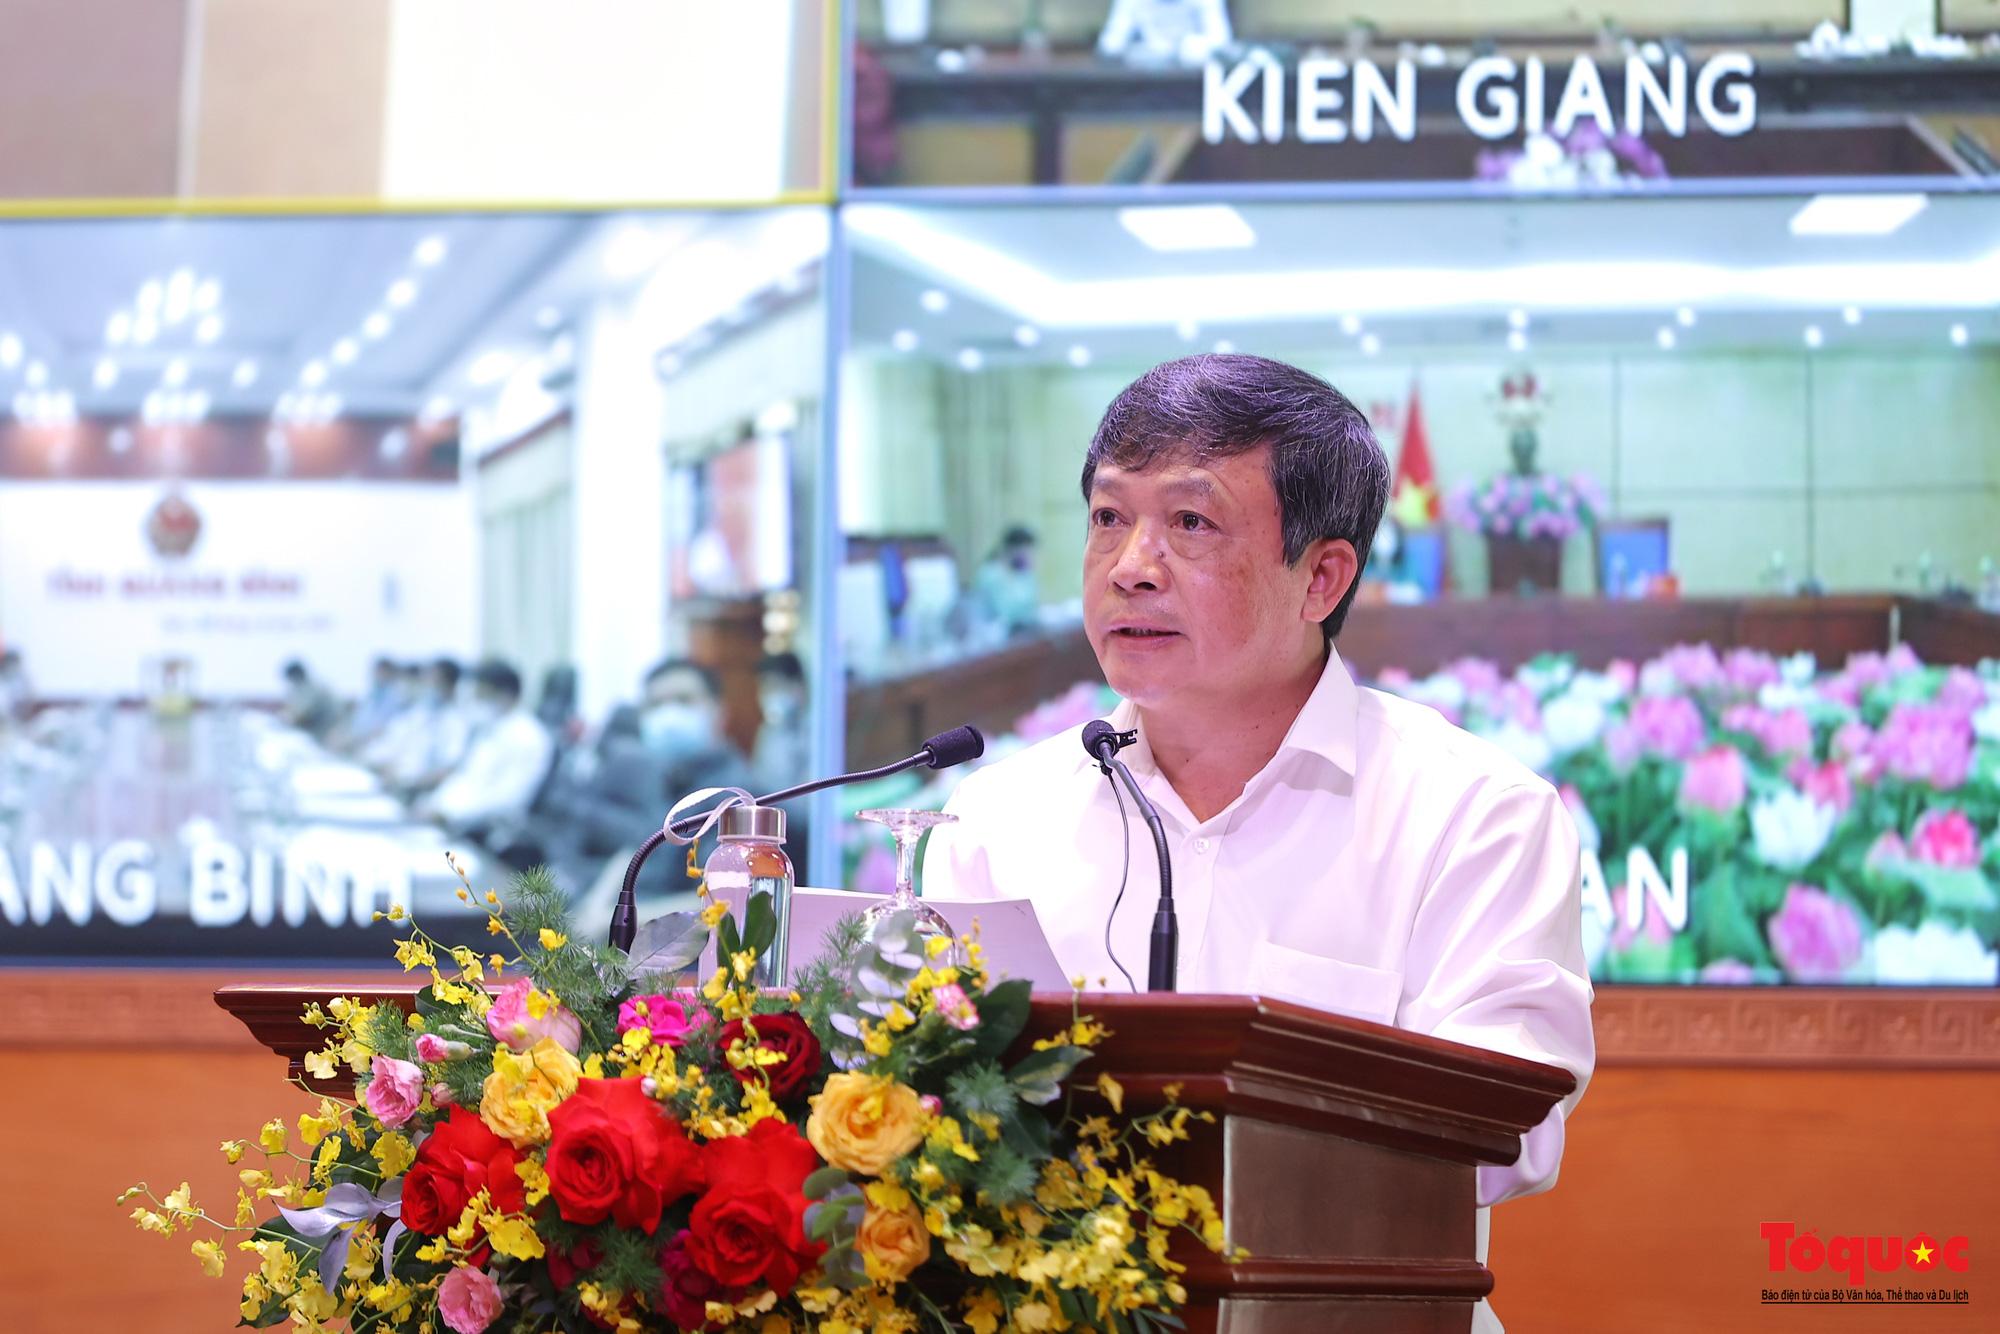 Bài 3: Dự kiến đầu tháng 7, Bộ VHTTDL trình Chính phủ dự thảo đề án hộ chiếu vaccine, thí điểm đón khách quốc tế tới Phú Quốc - Ảnh 1.